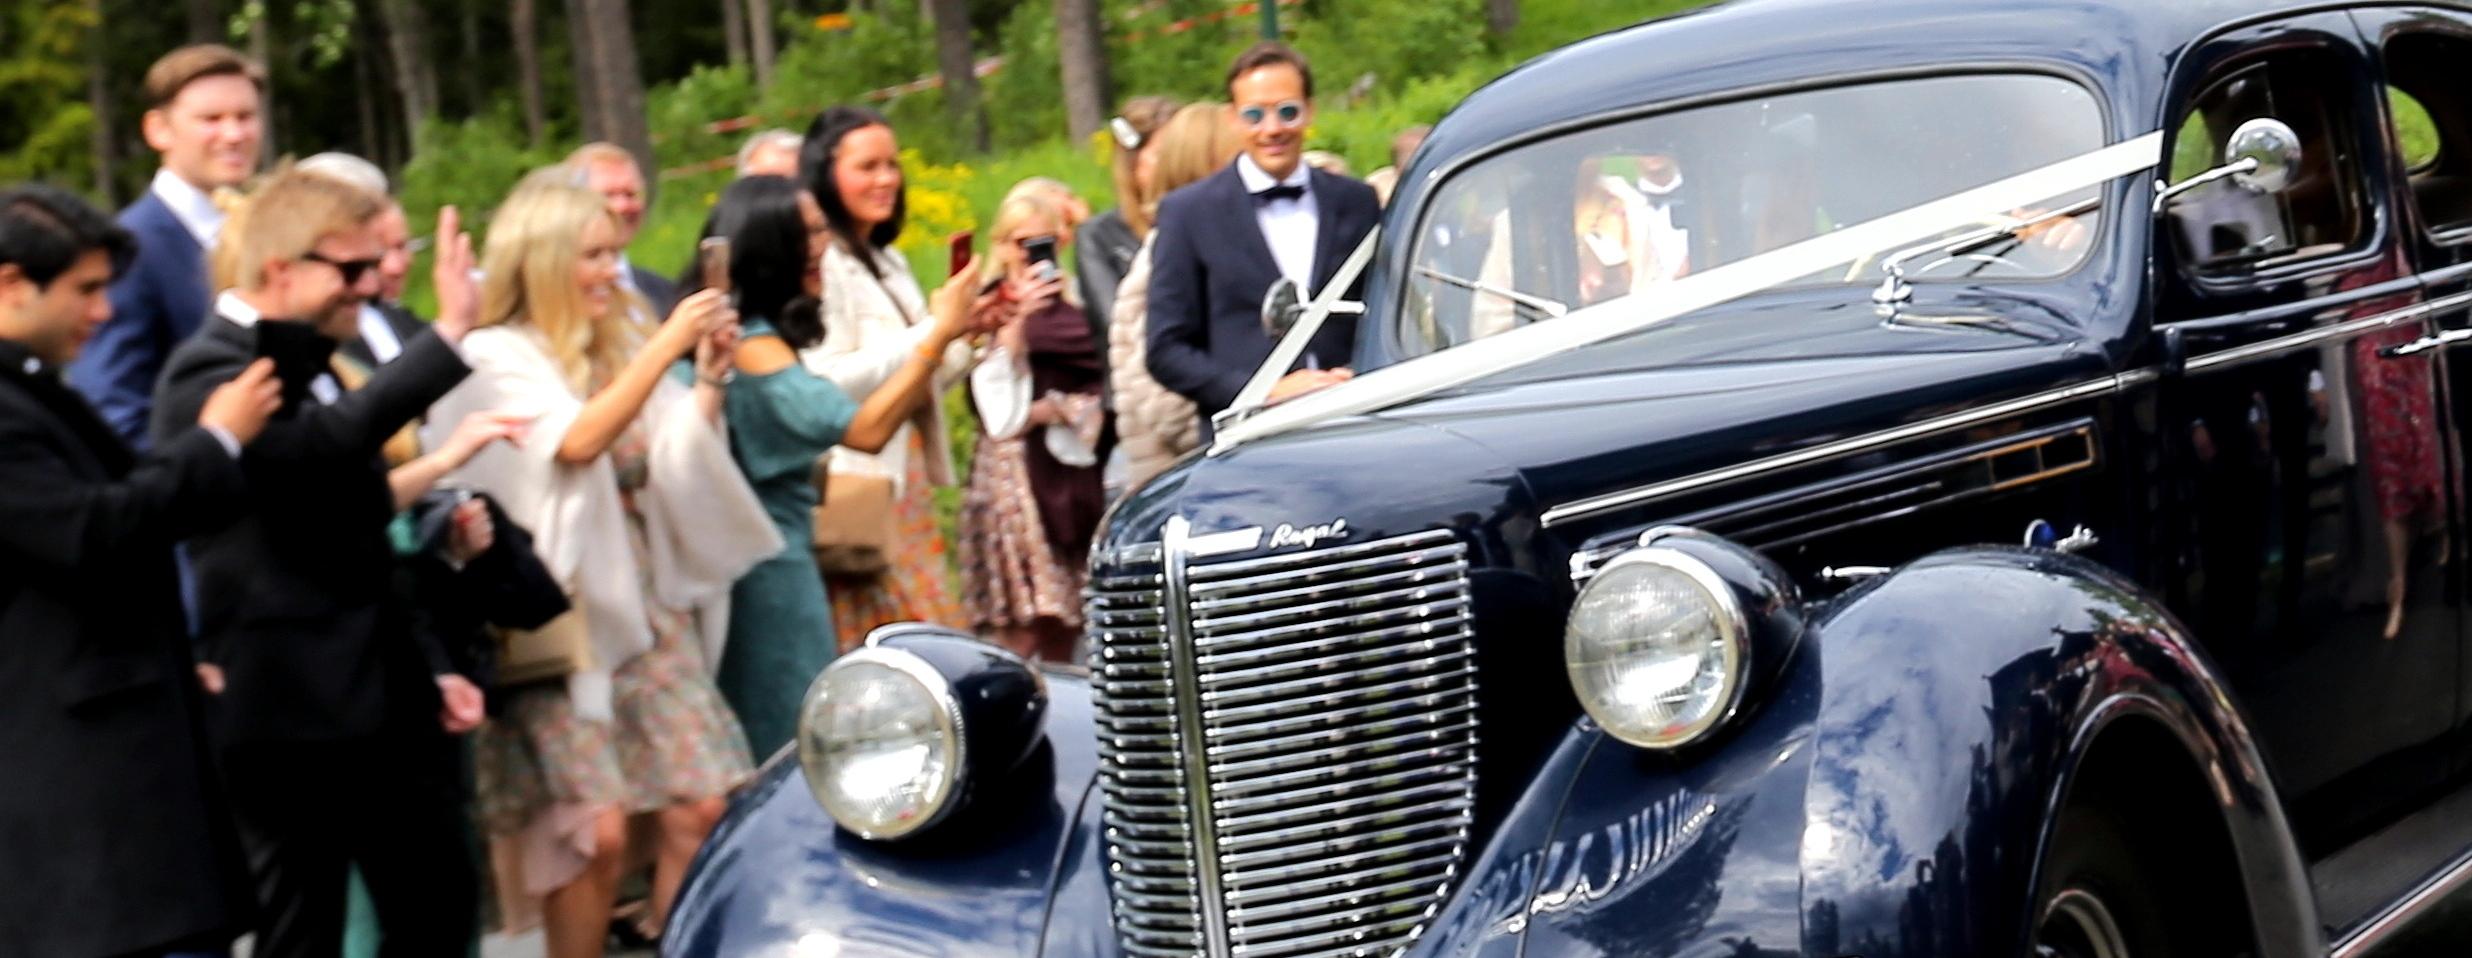 Bryllupsgjester vinker til veteranbil som har bryllupsoppdrag i Holmenkollen Oslo